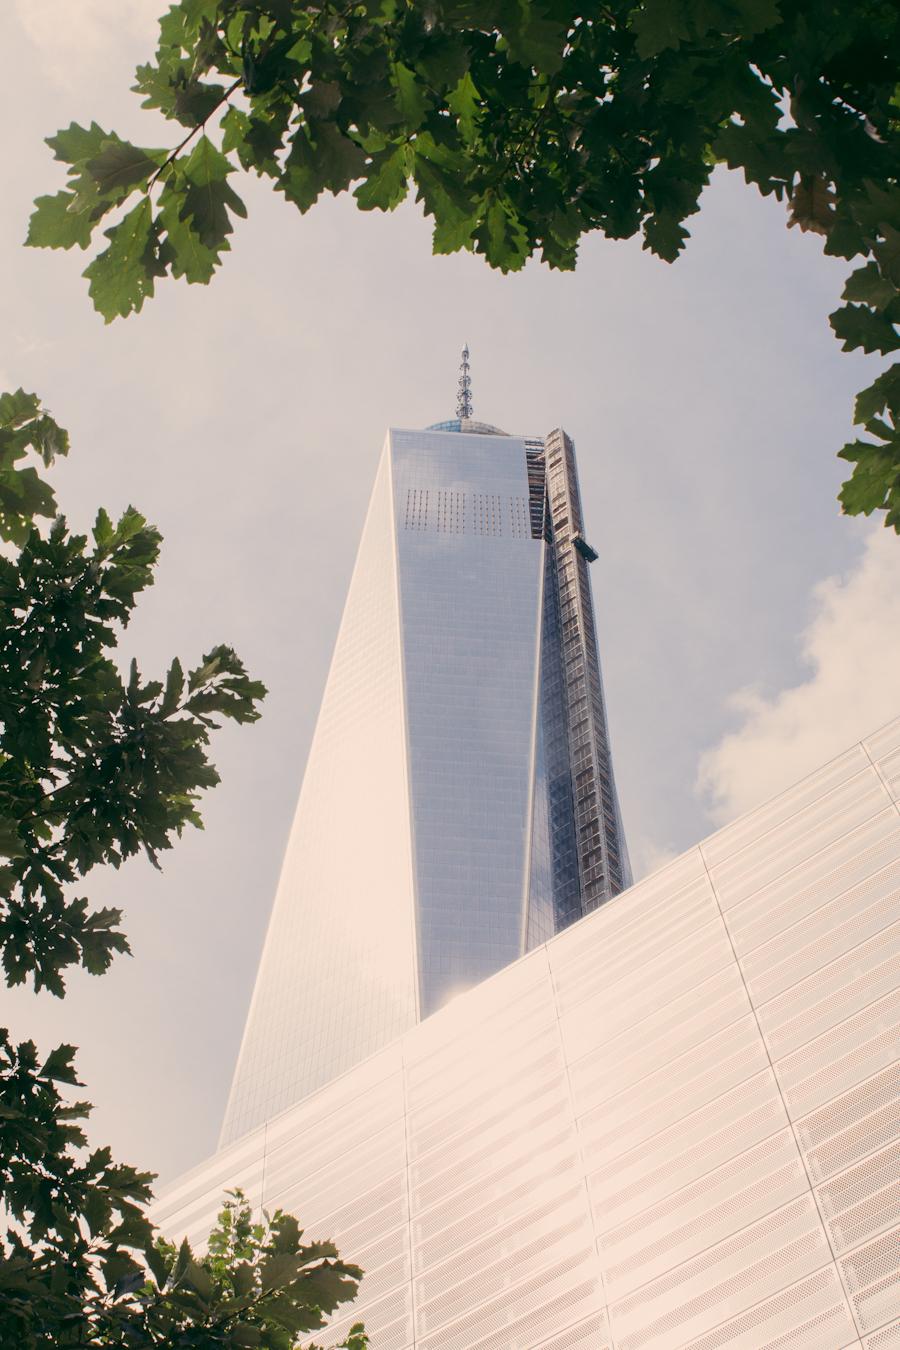 New York City by Bryna Shields